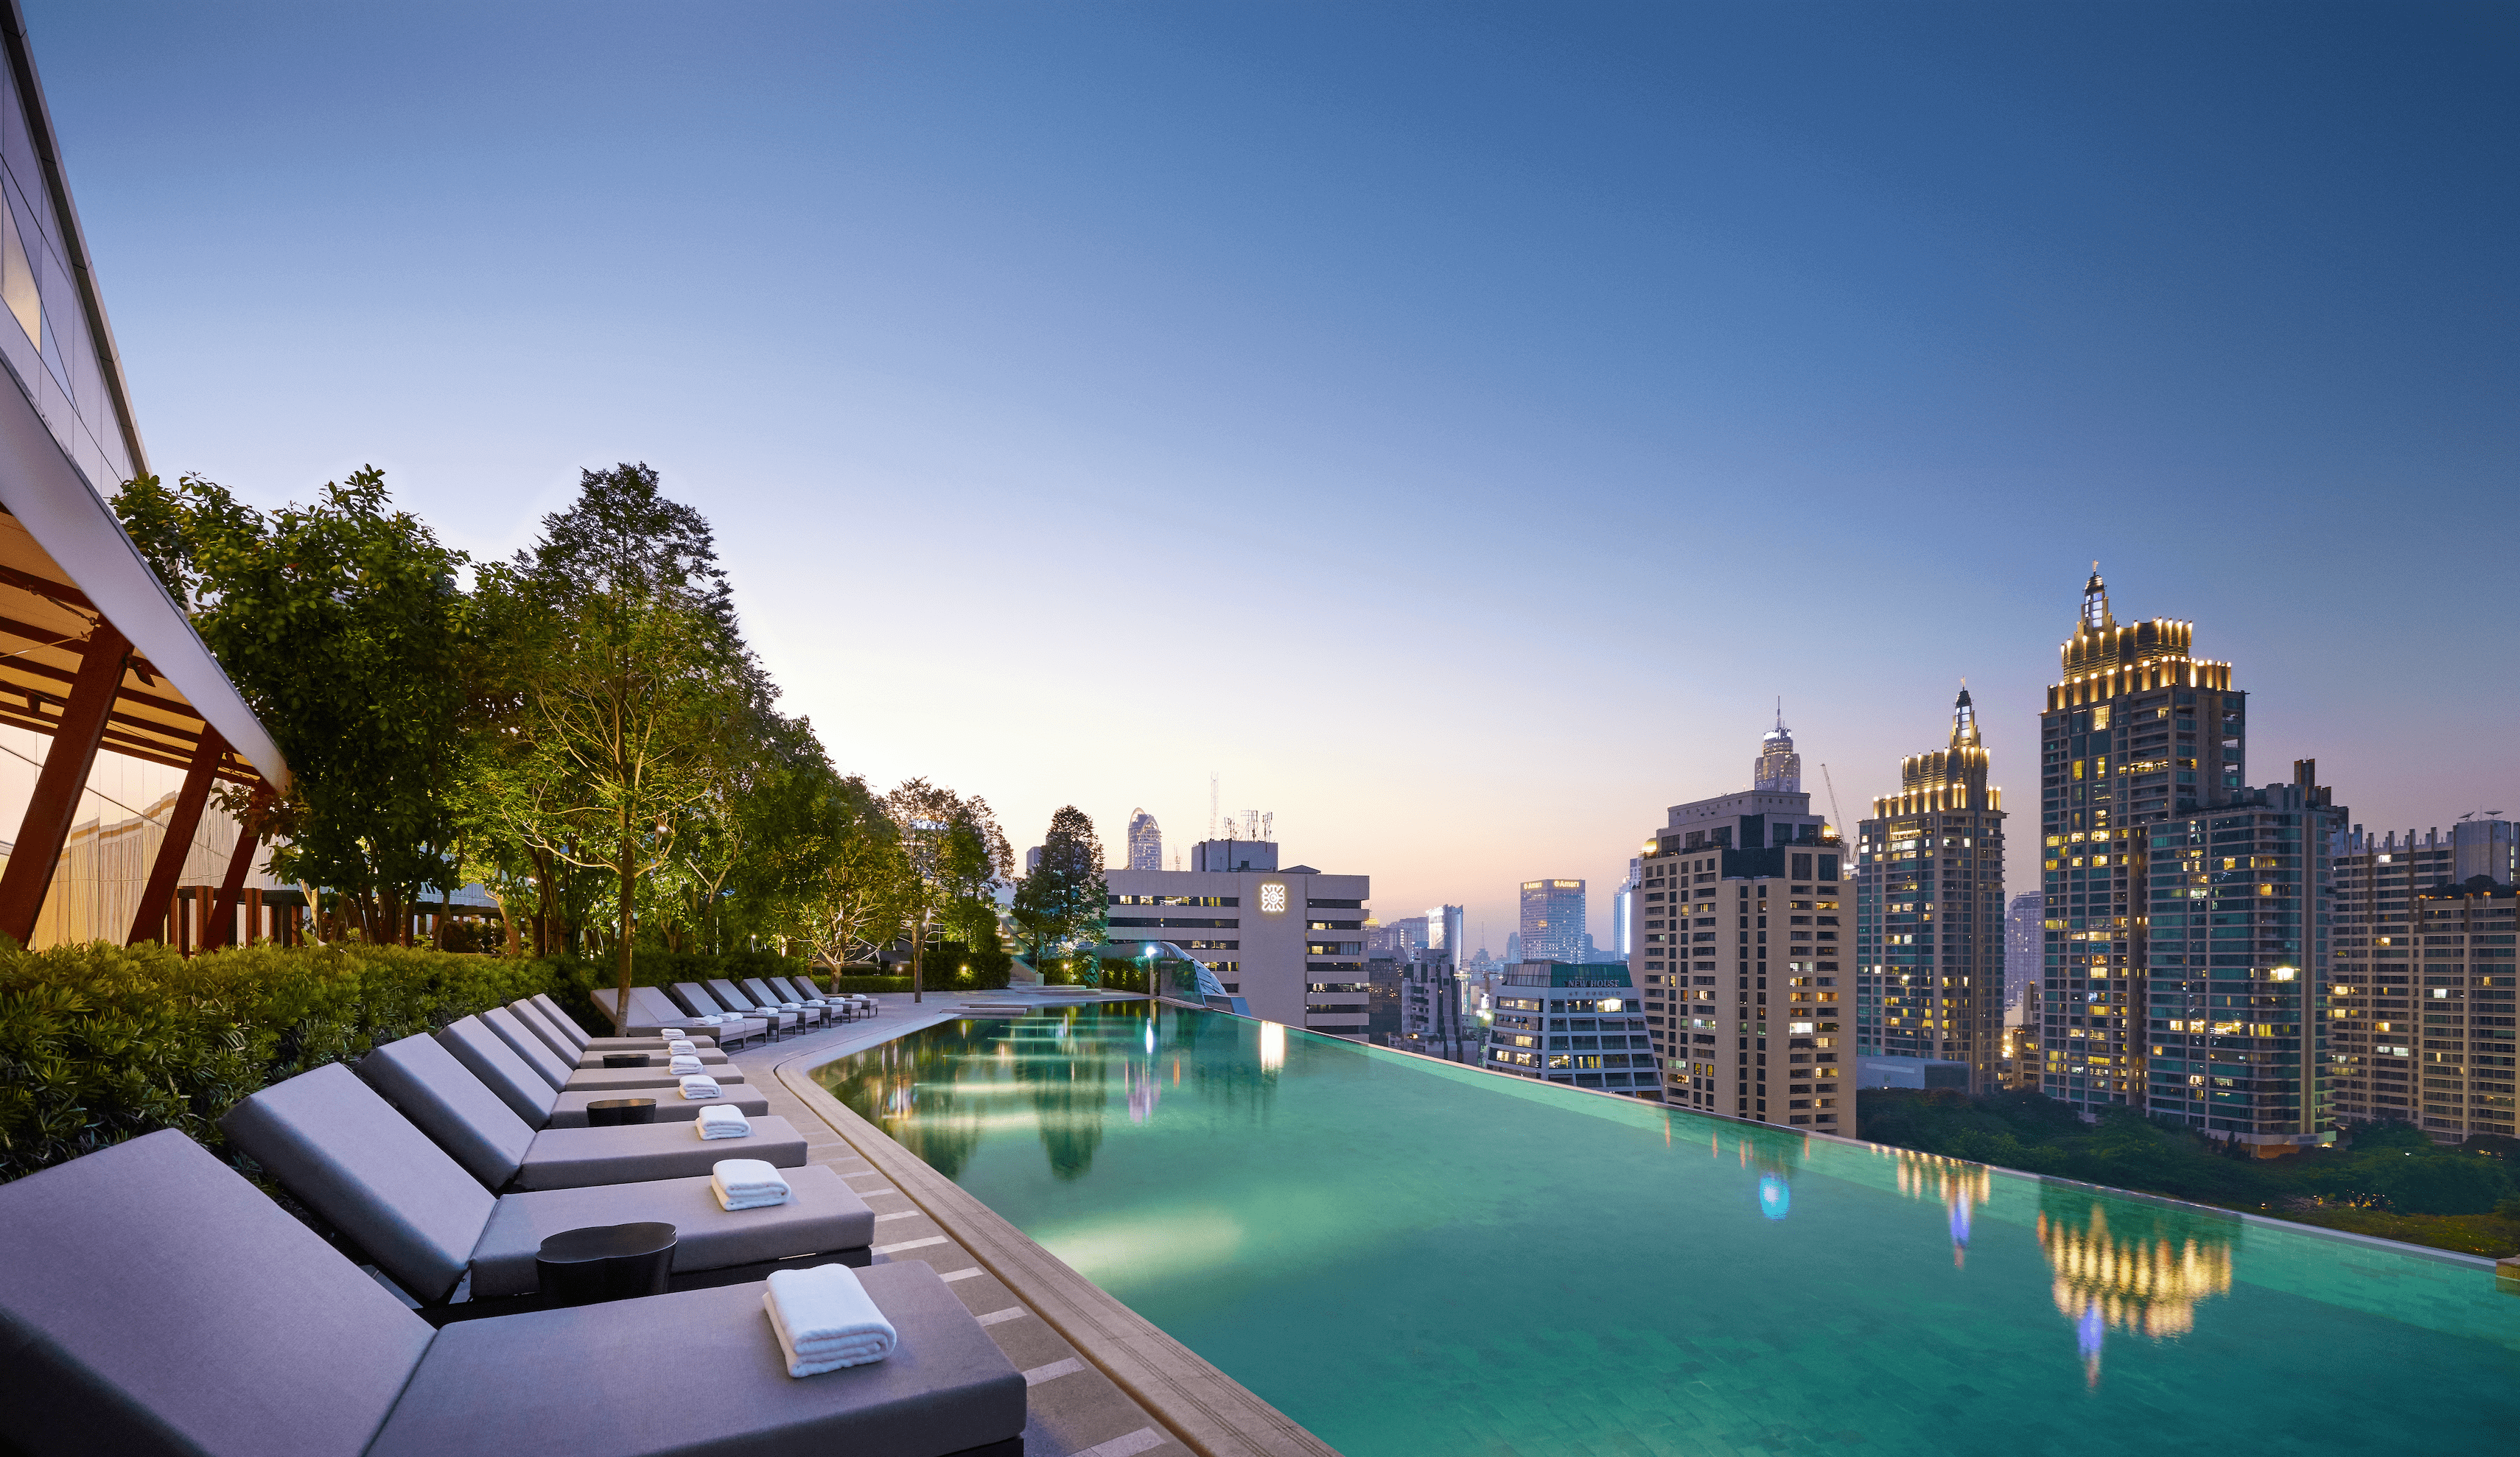 The infinity pool of the Park Hyatt